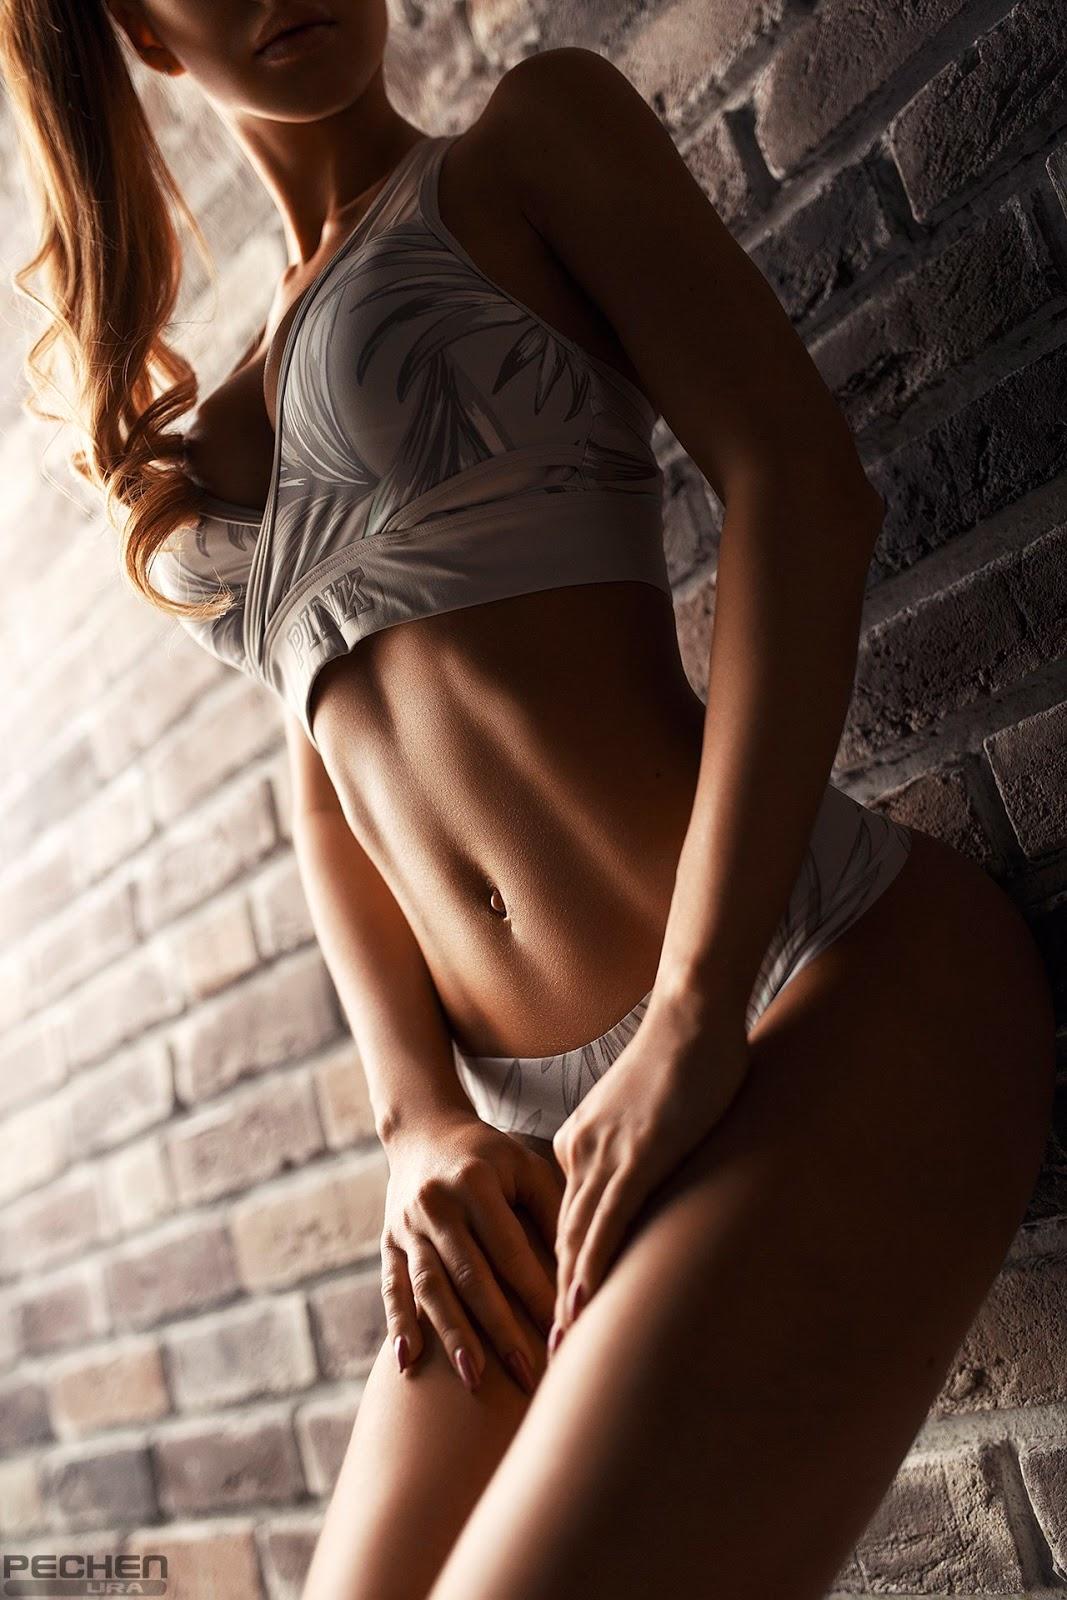 Тети ахеренная девушка тело супер пышка